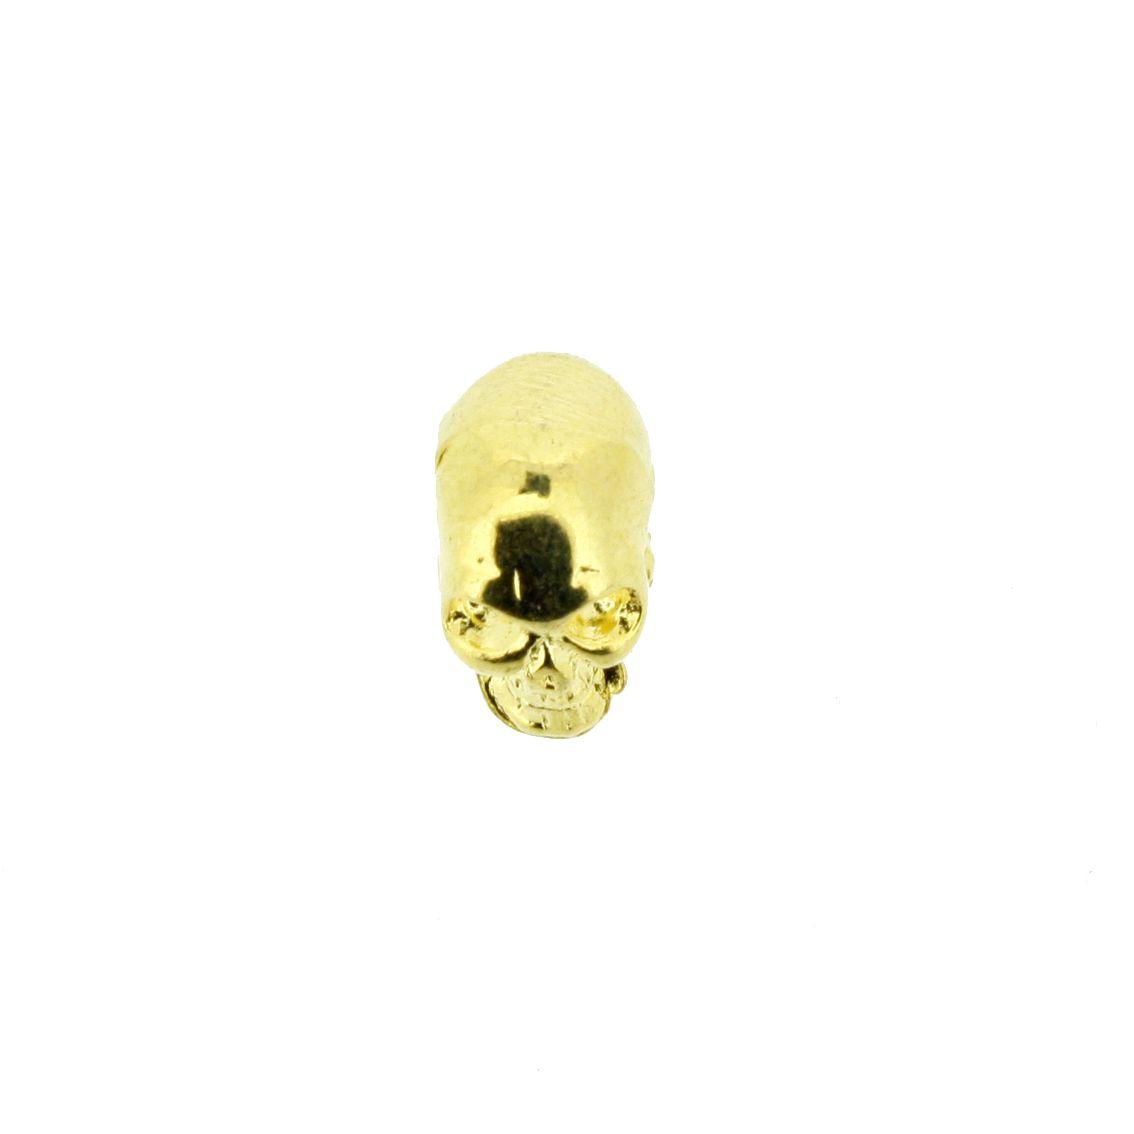 Caveira - Dourada - 13mm - 01 Peça  - Universo Religioso® - Artigos de Umbanda e Candomblé